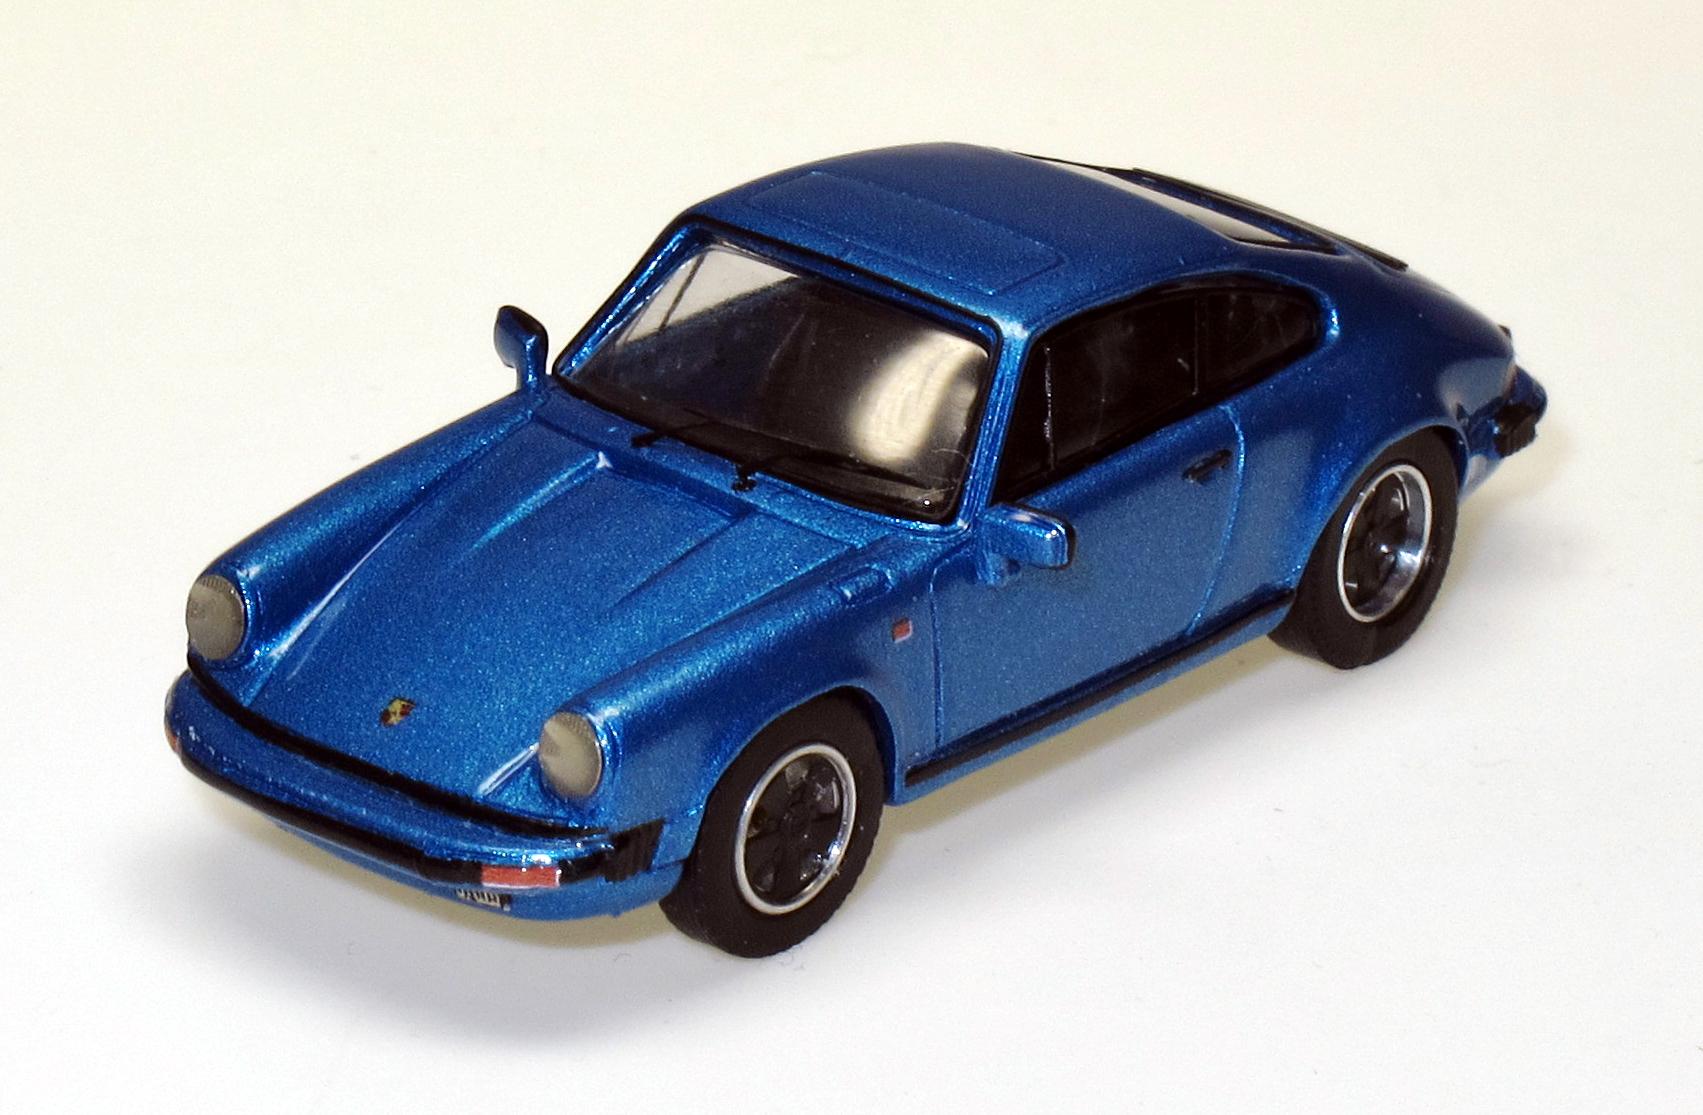 87082 Porsche 911 SC Coupe